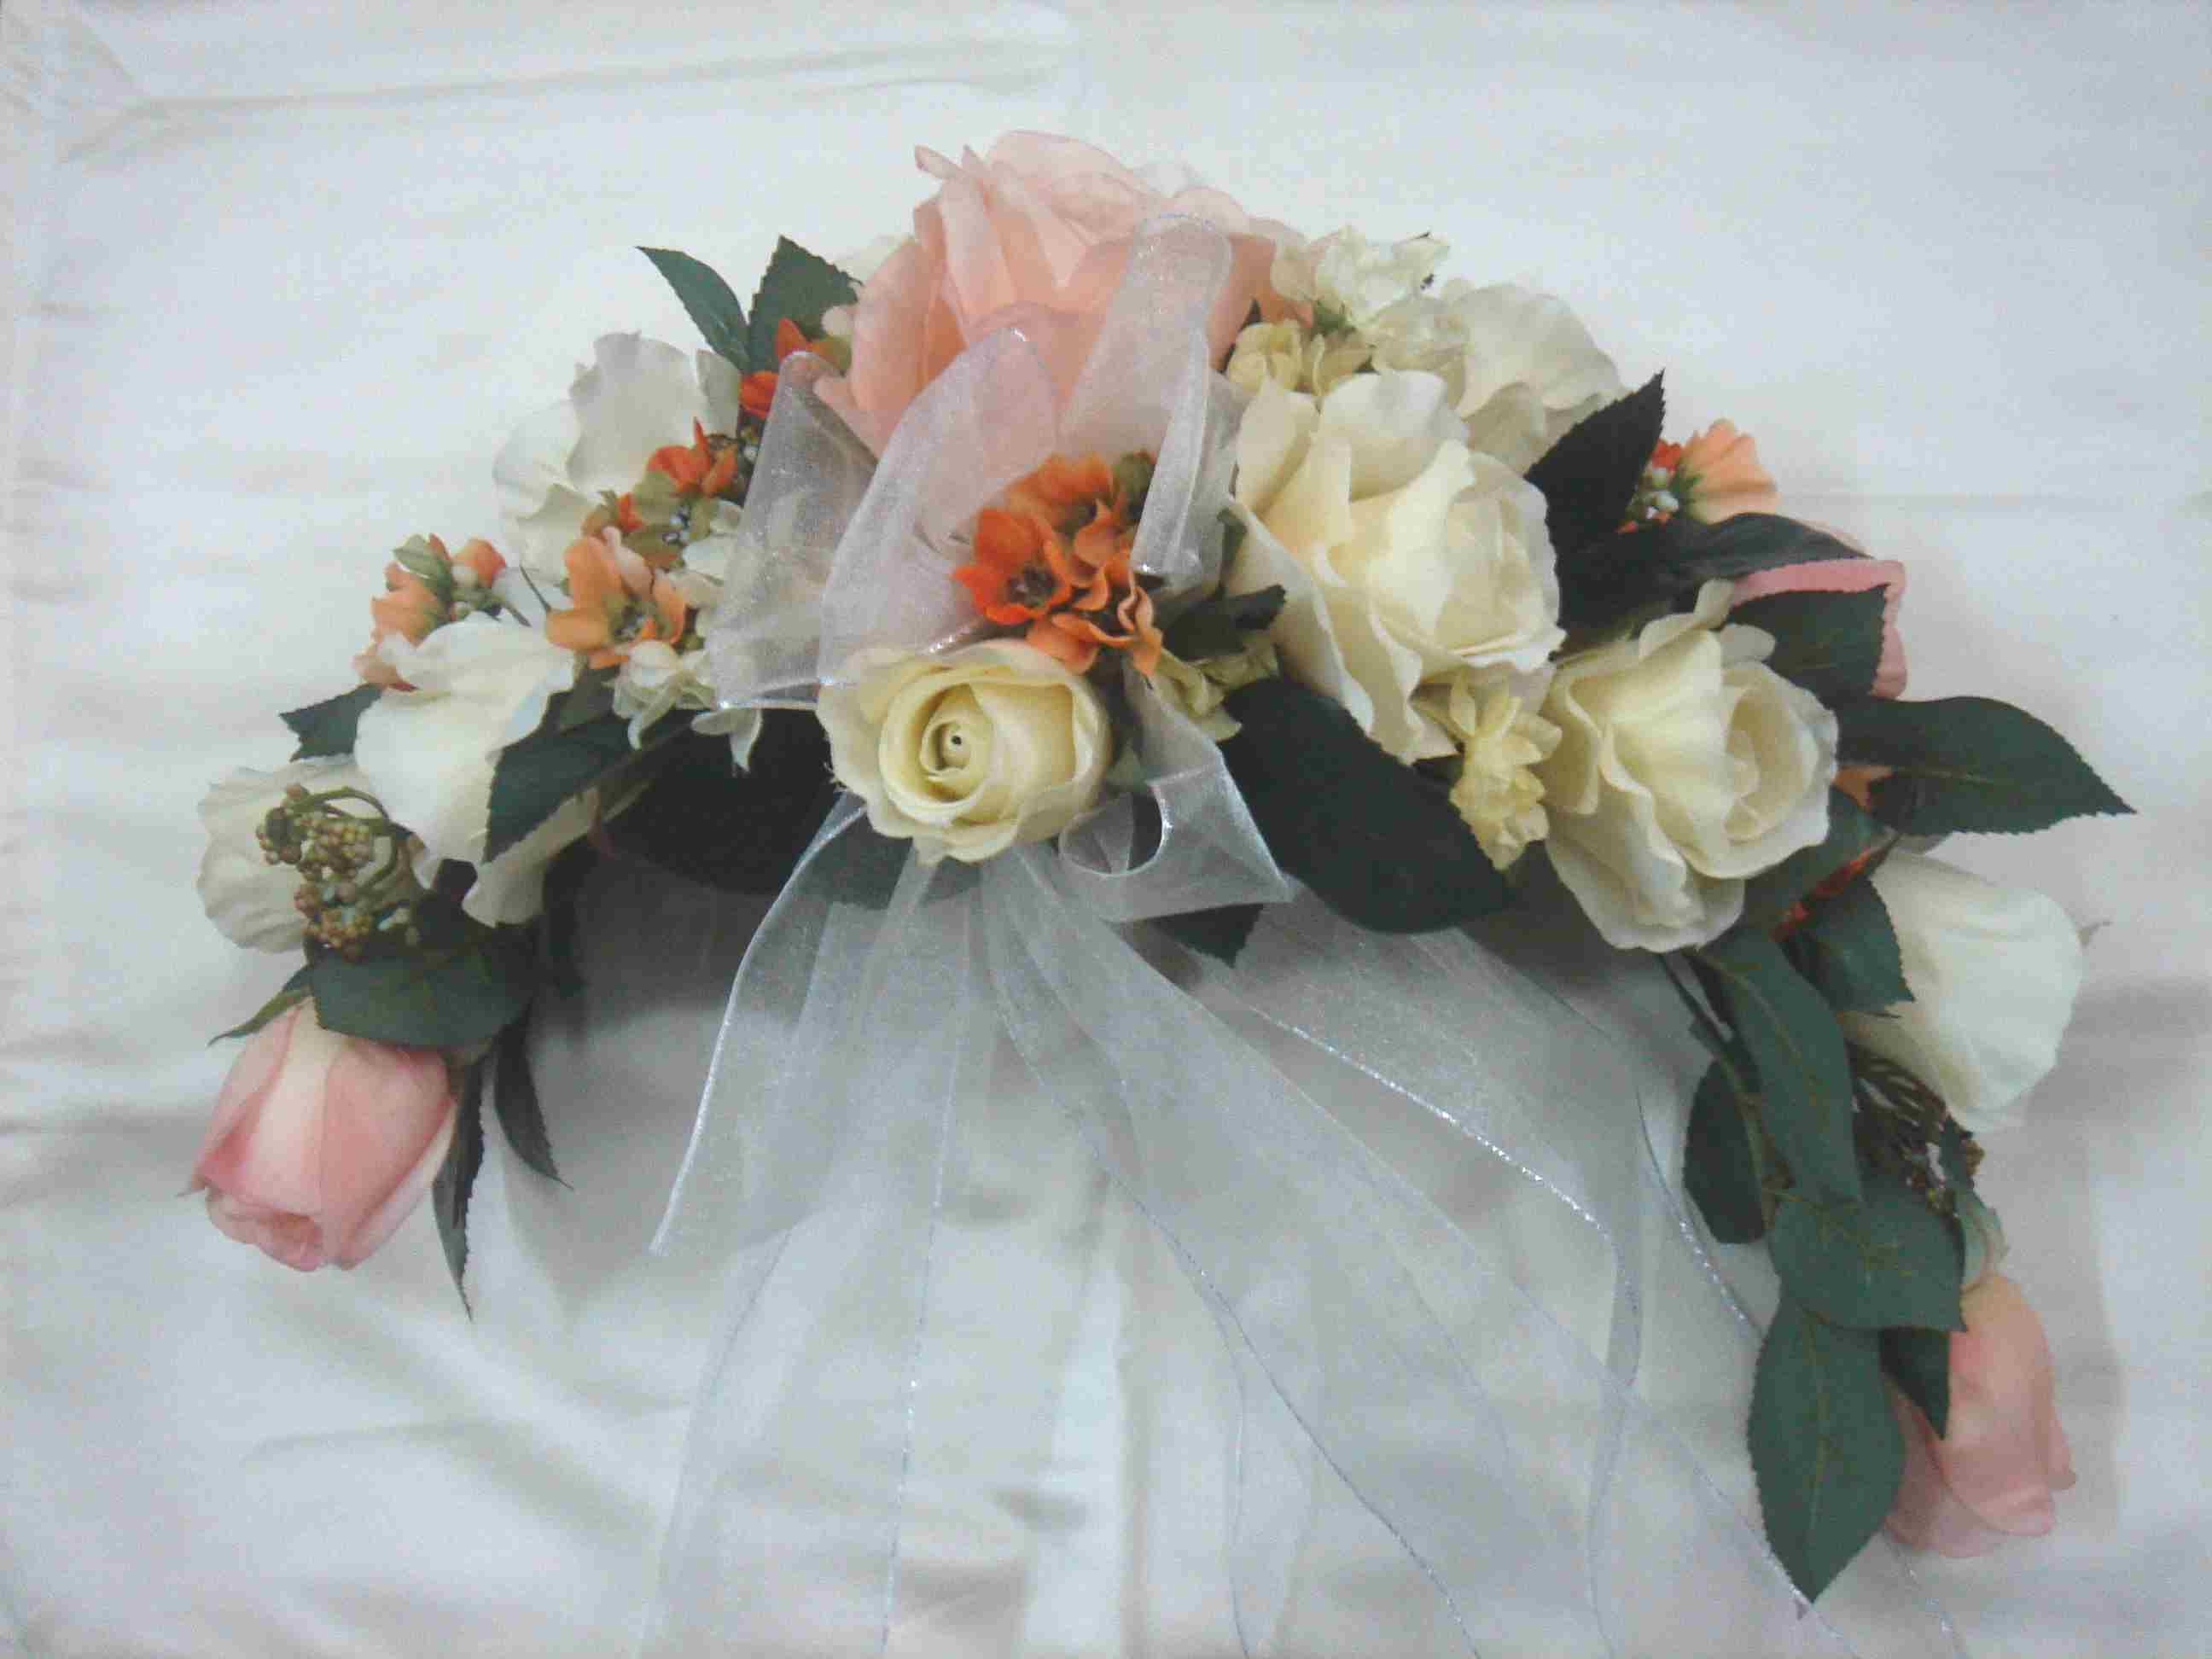 common wedding flowers photo - 1